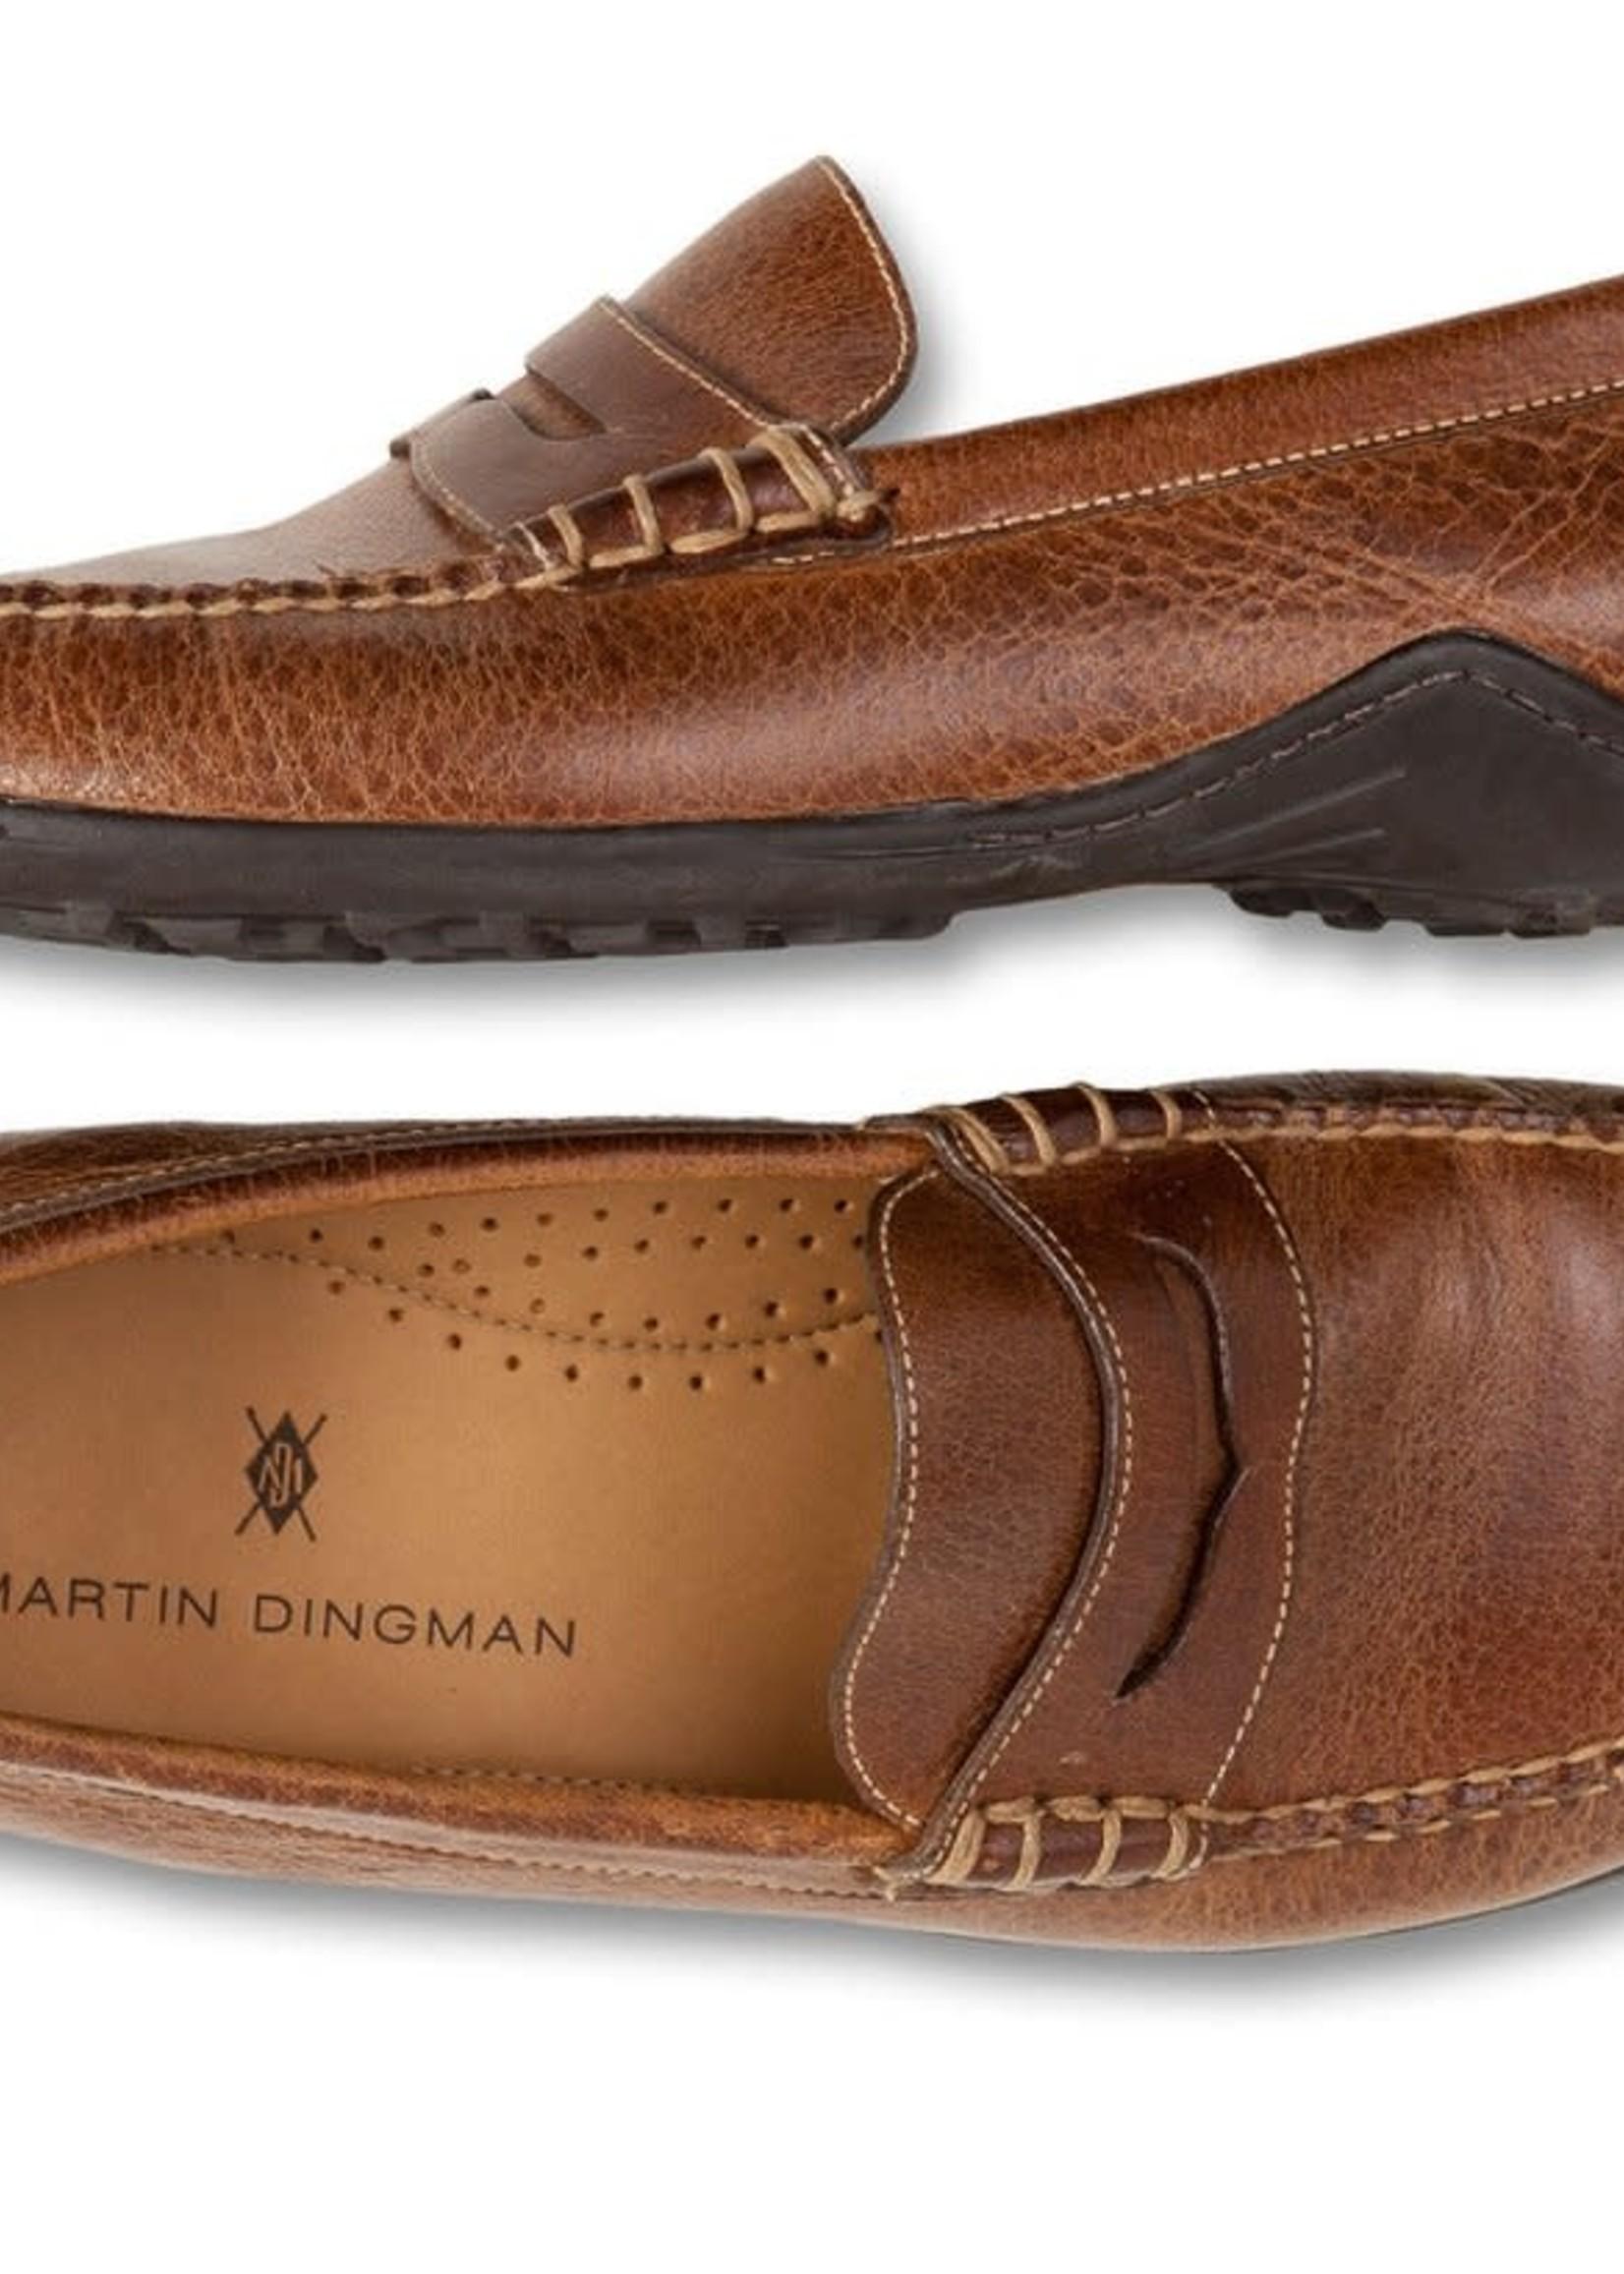 Martin Dingman Bill Penny